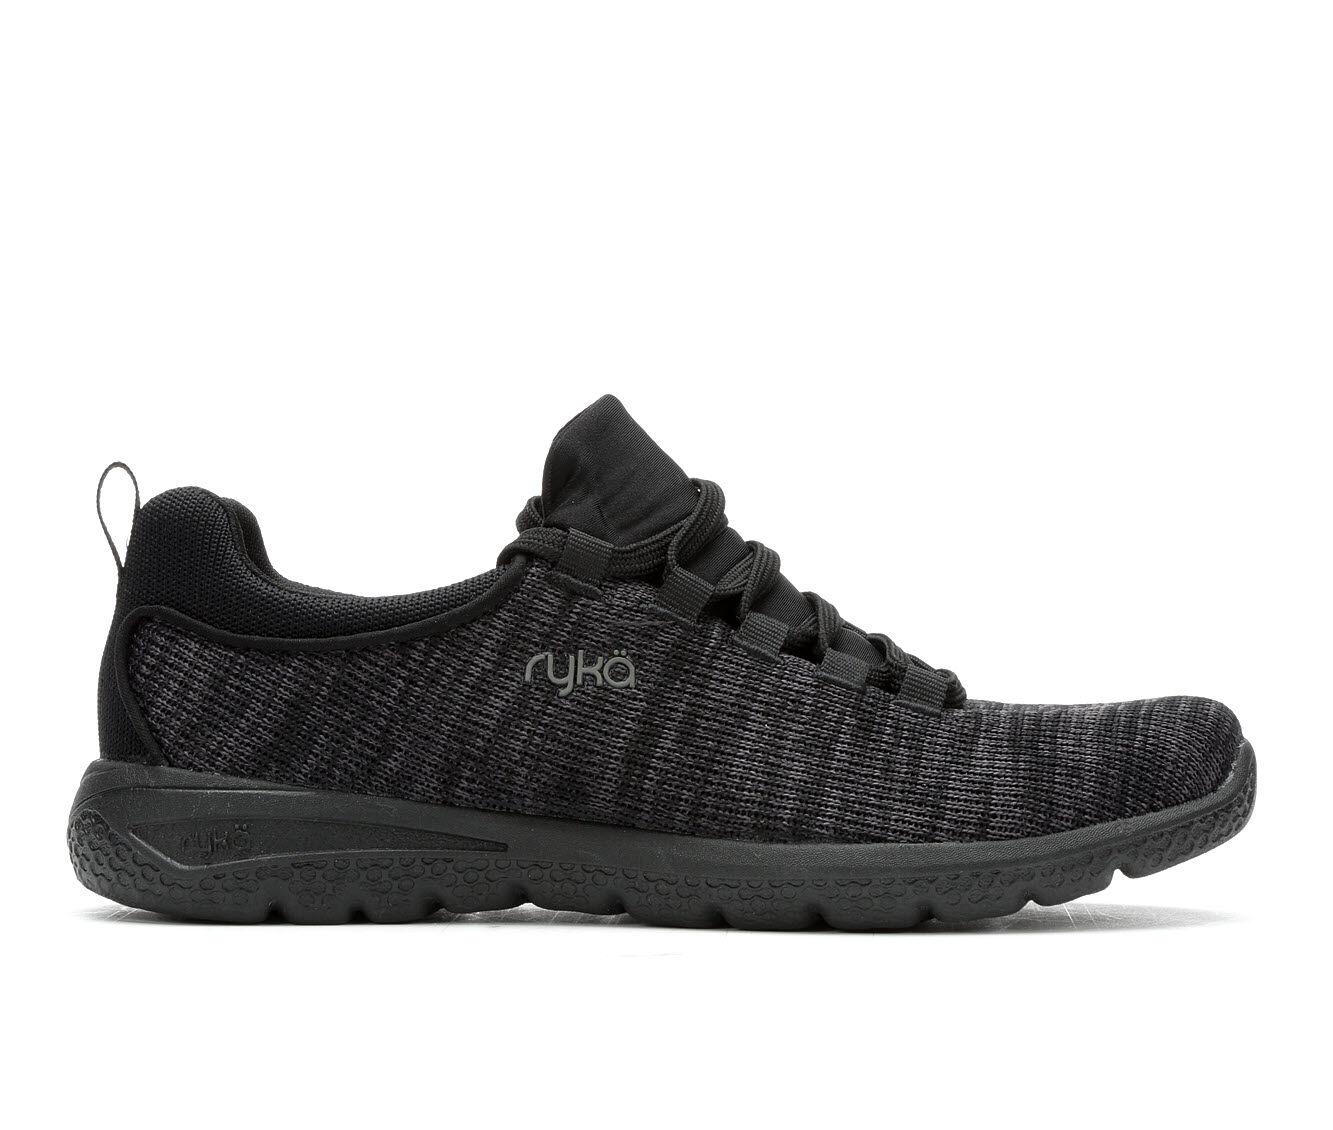 Women's Ryka Hazel Sneakers Black/Black